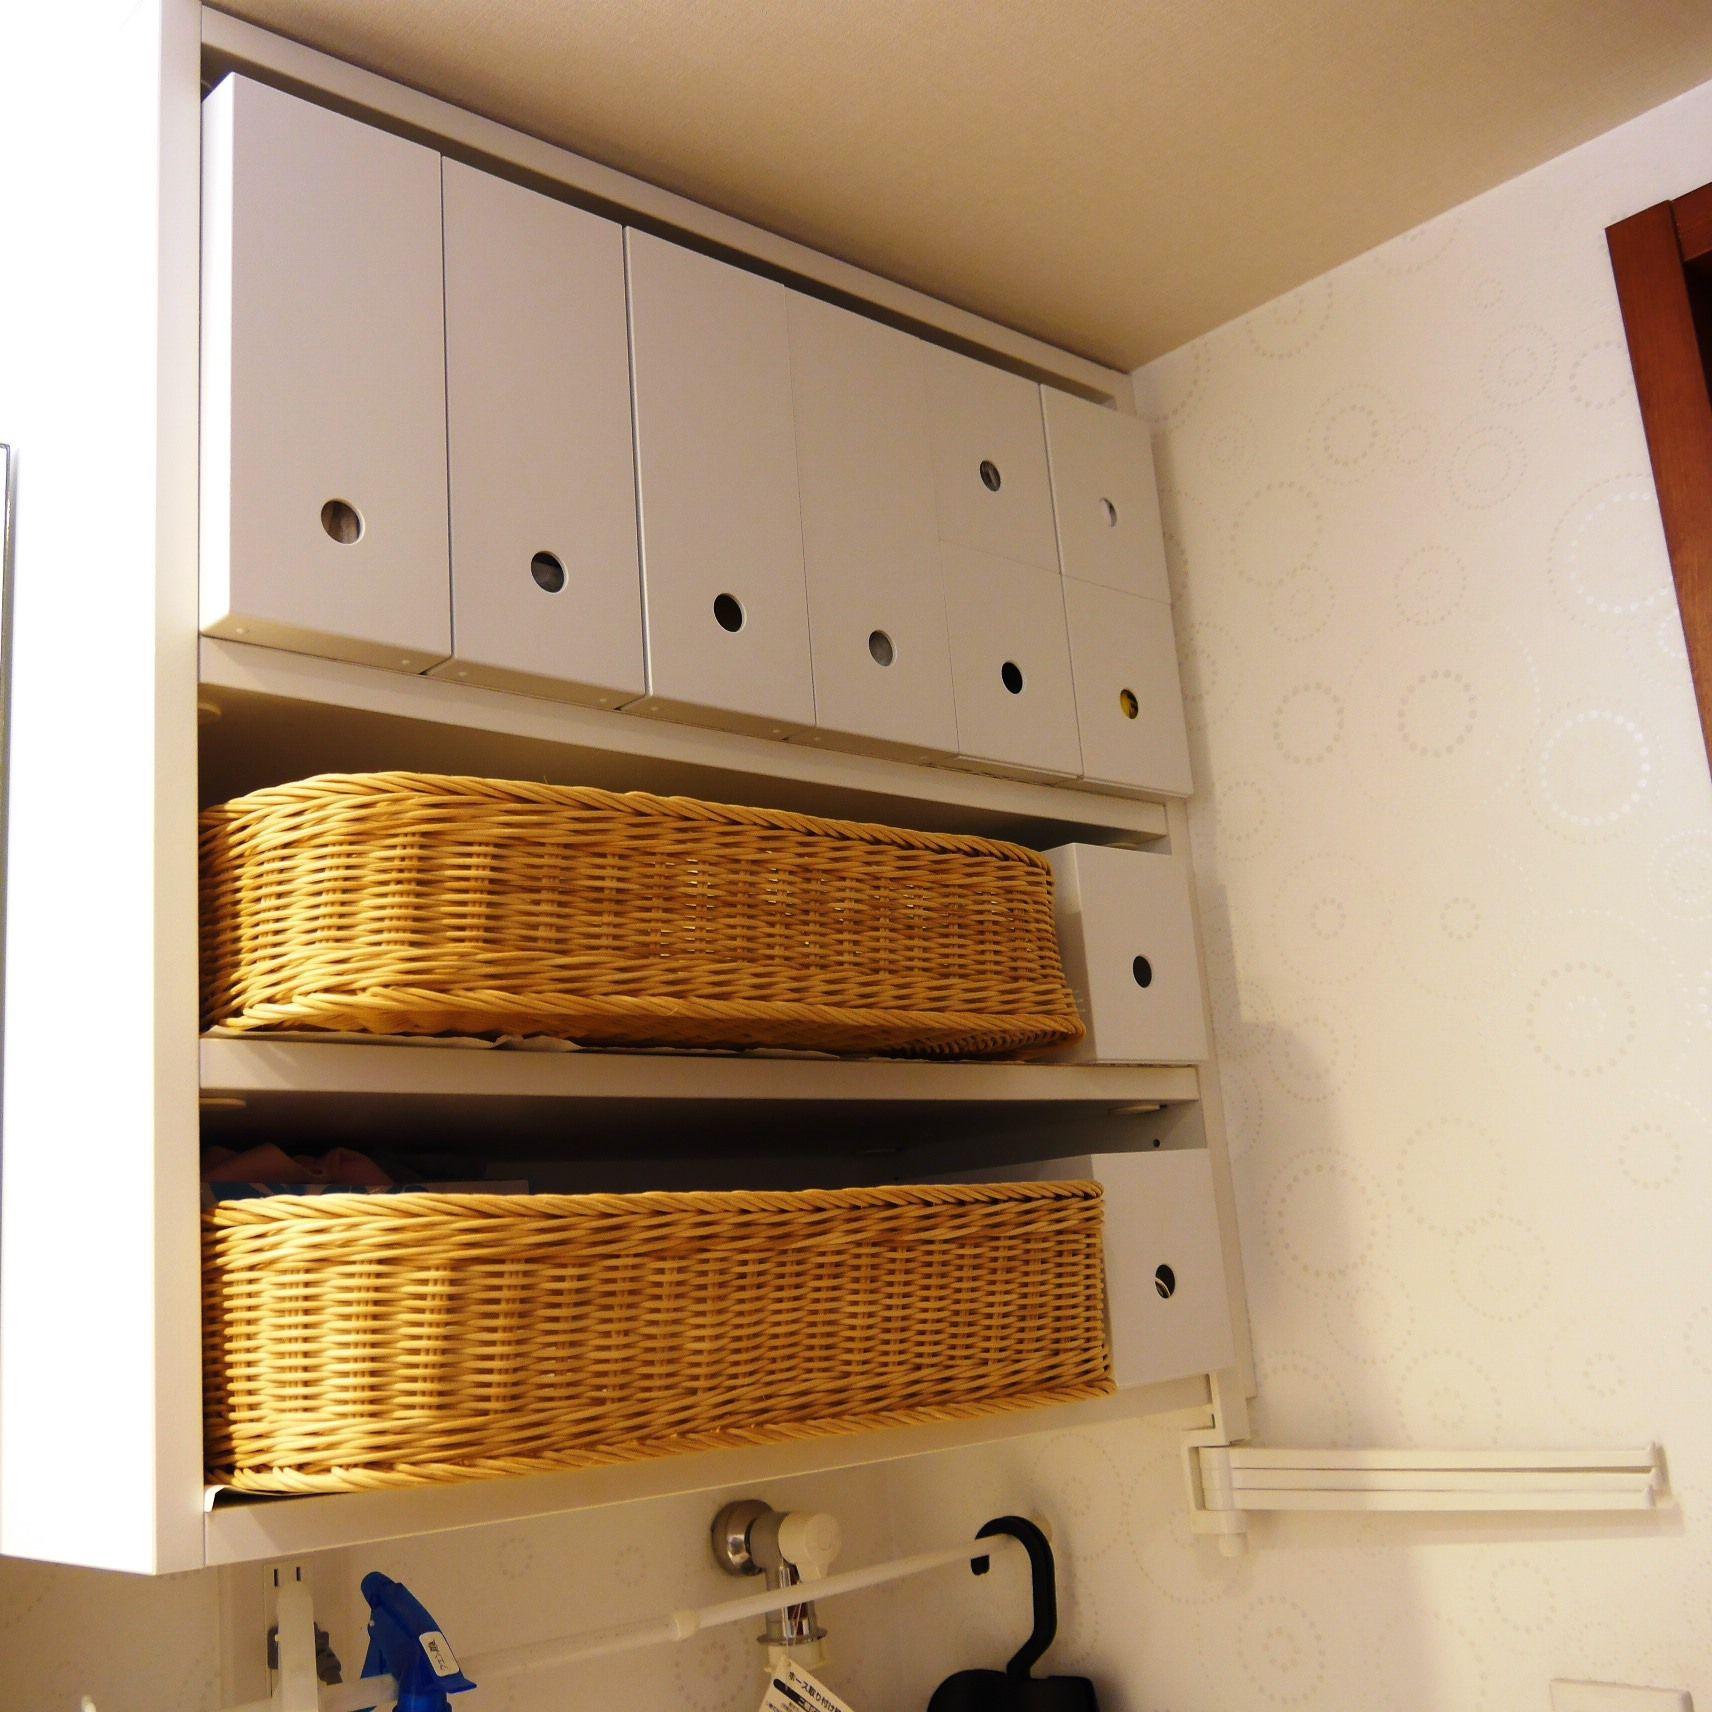 無印_ファイルボックス_洗濯機上棚にシンデレラフィット